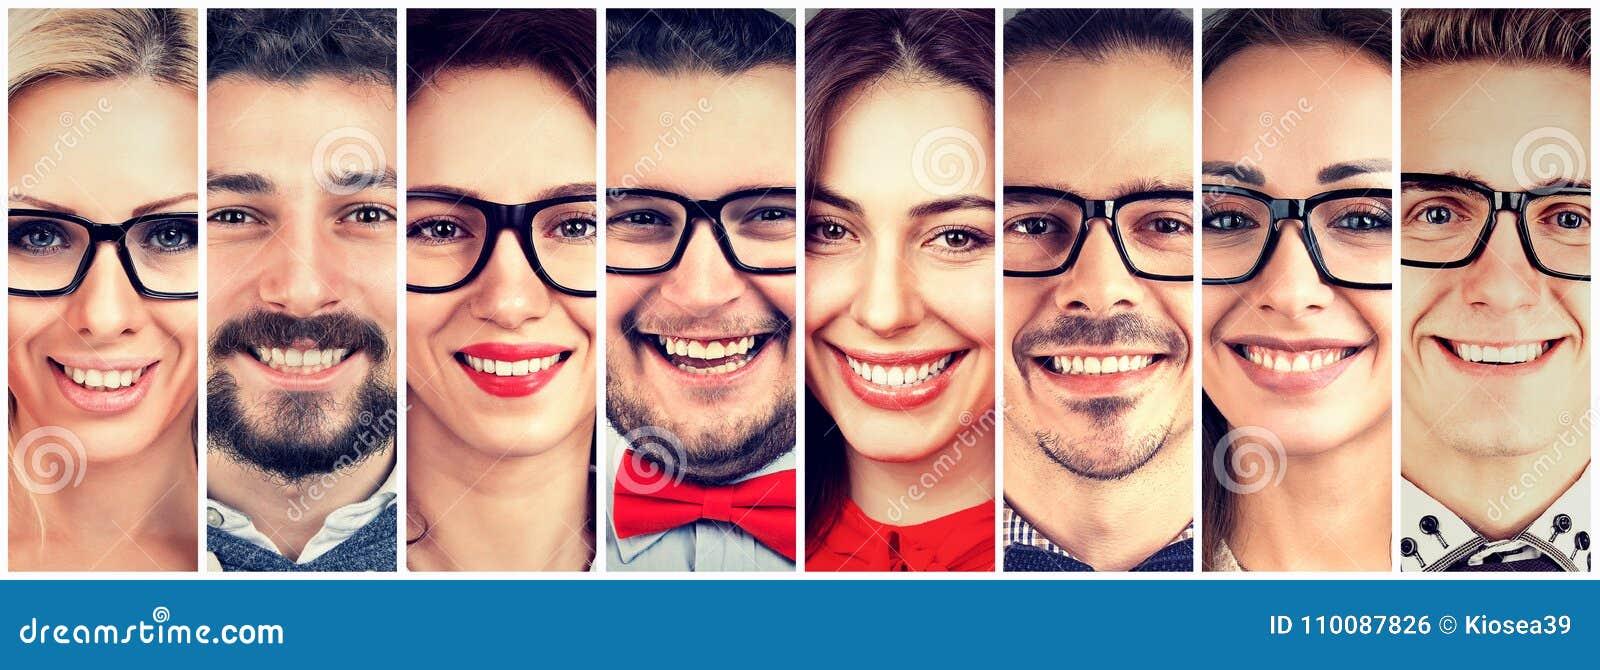 Caras sonrientes Grupo feliz de gente multiétnica